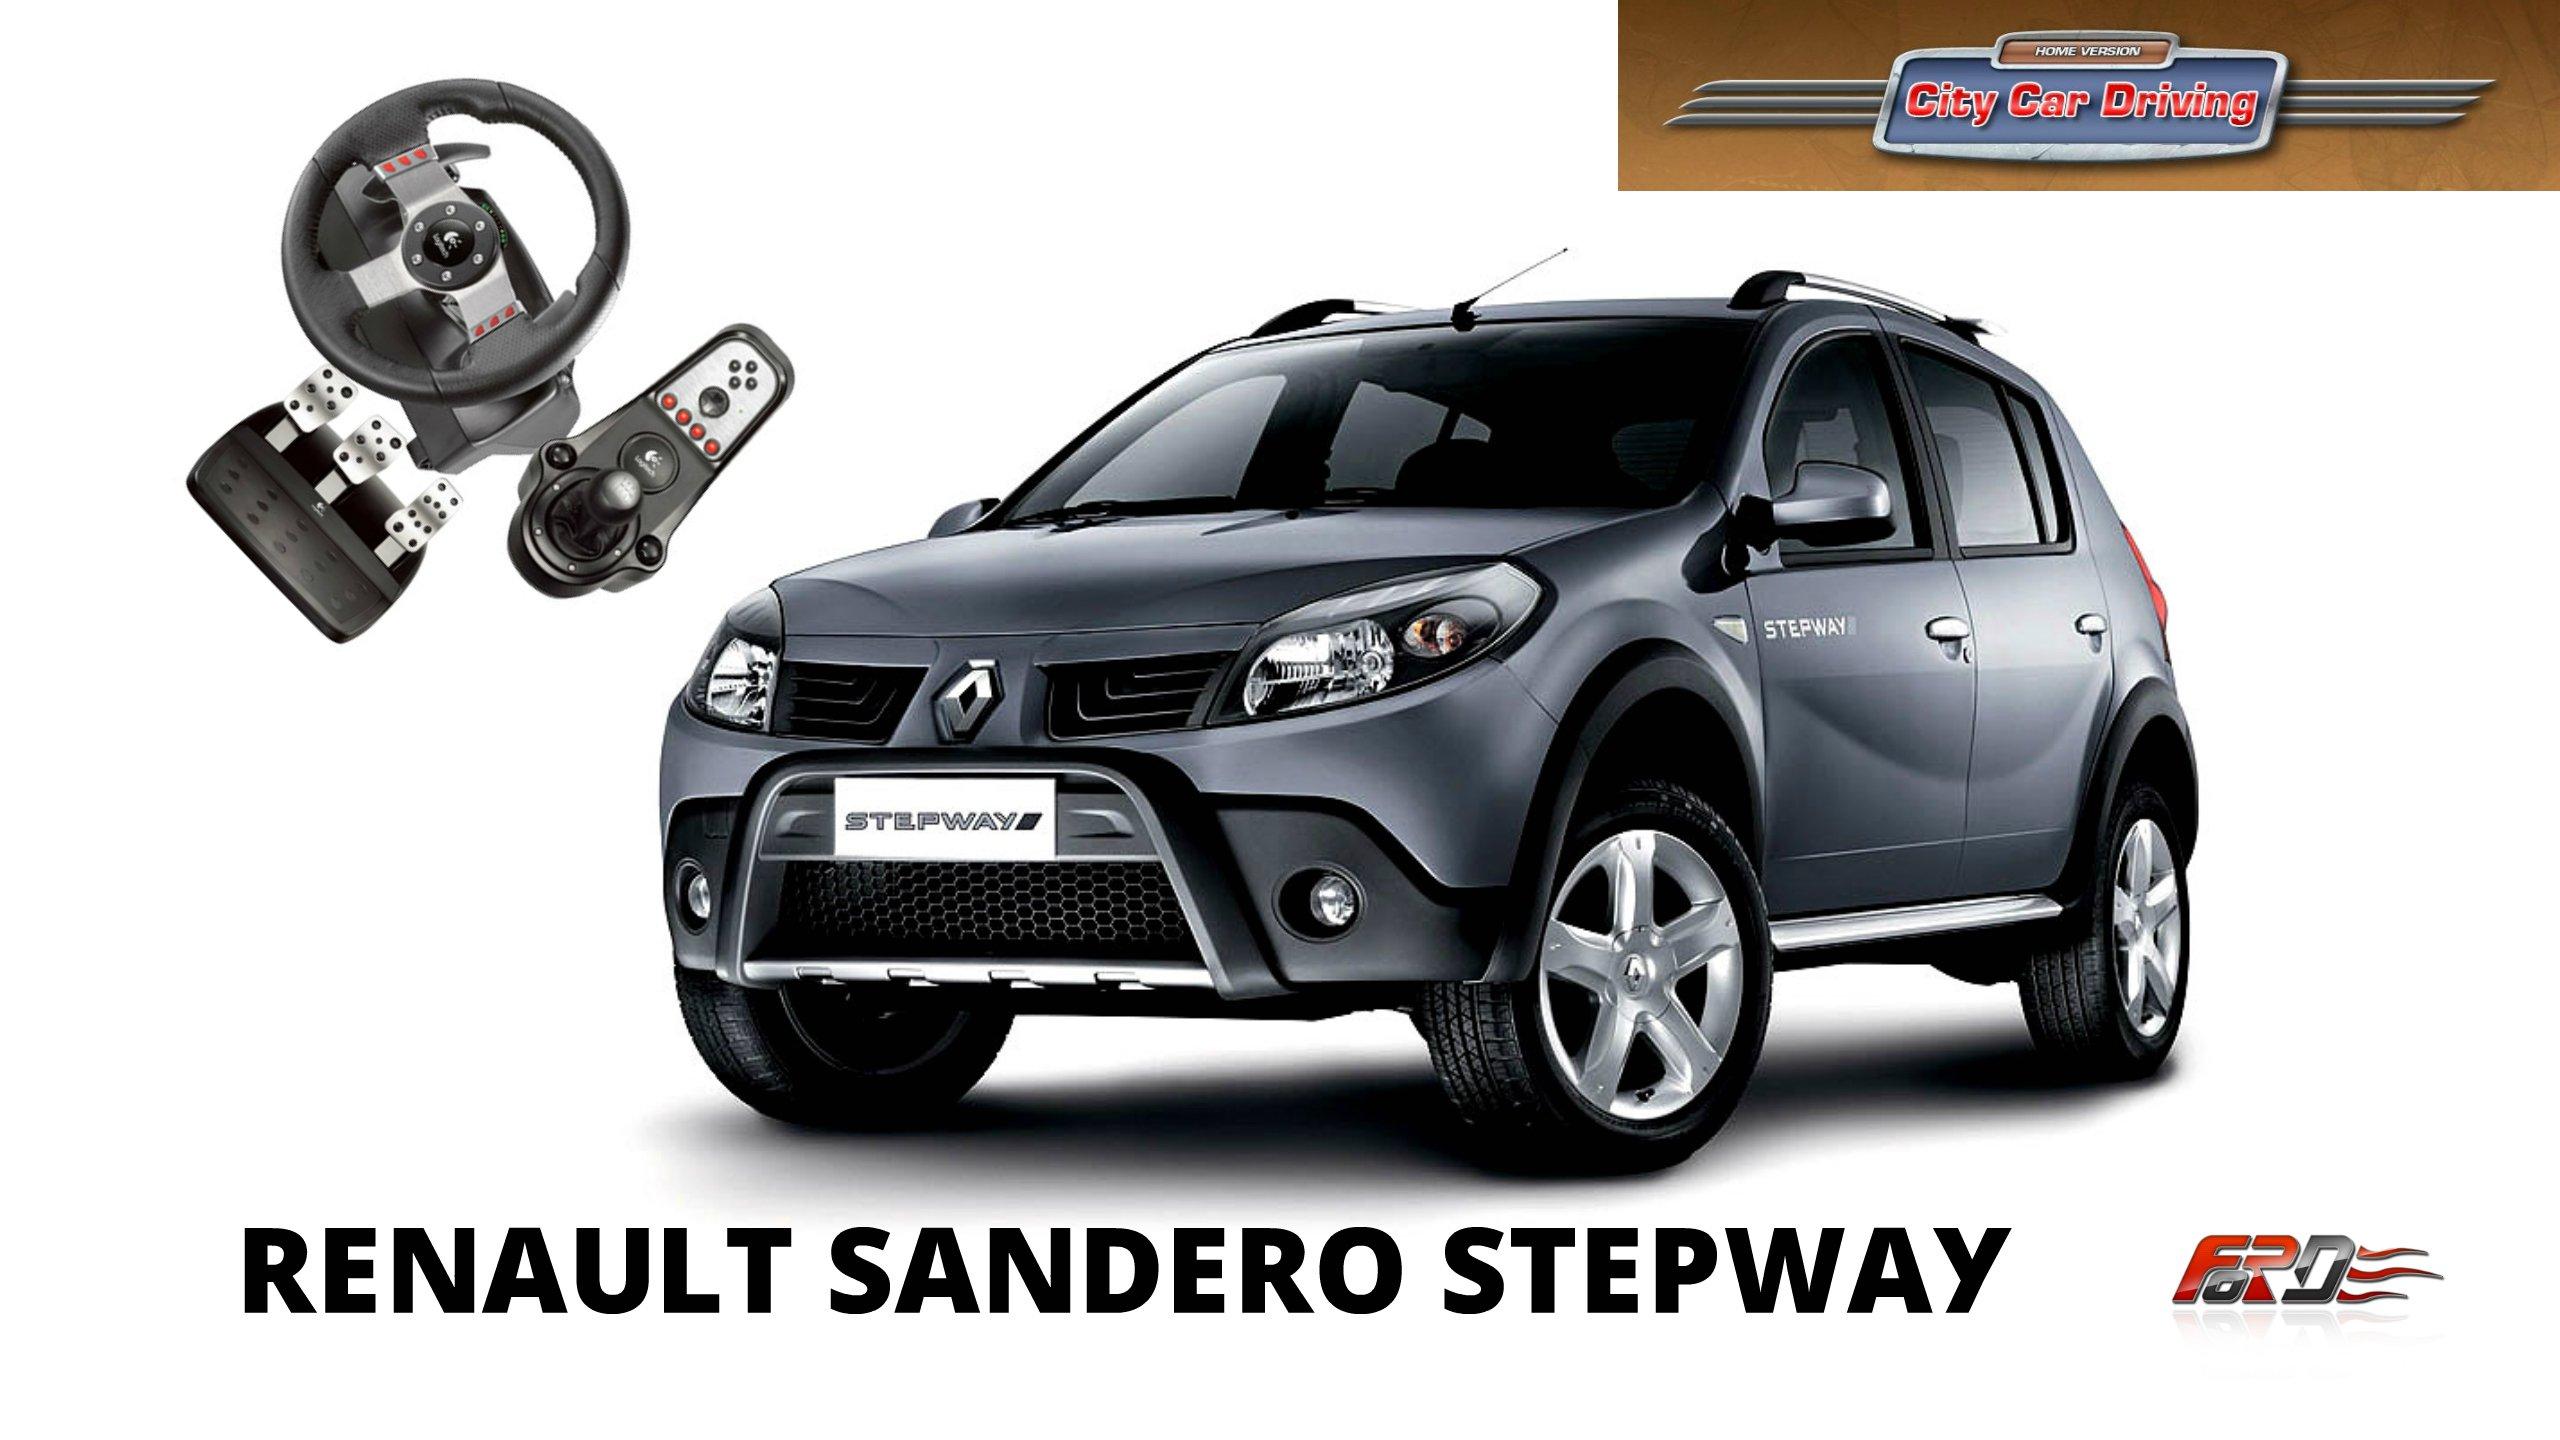 Renault Sandero Stepway - тест-драйв, обзор автомобиль для бедных в City Car Driving . - Изображение 1